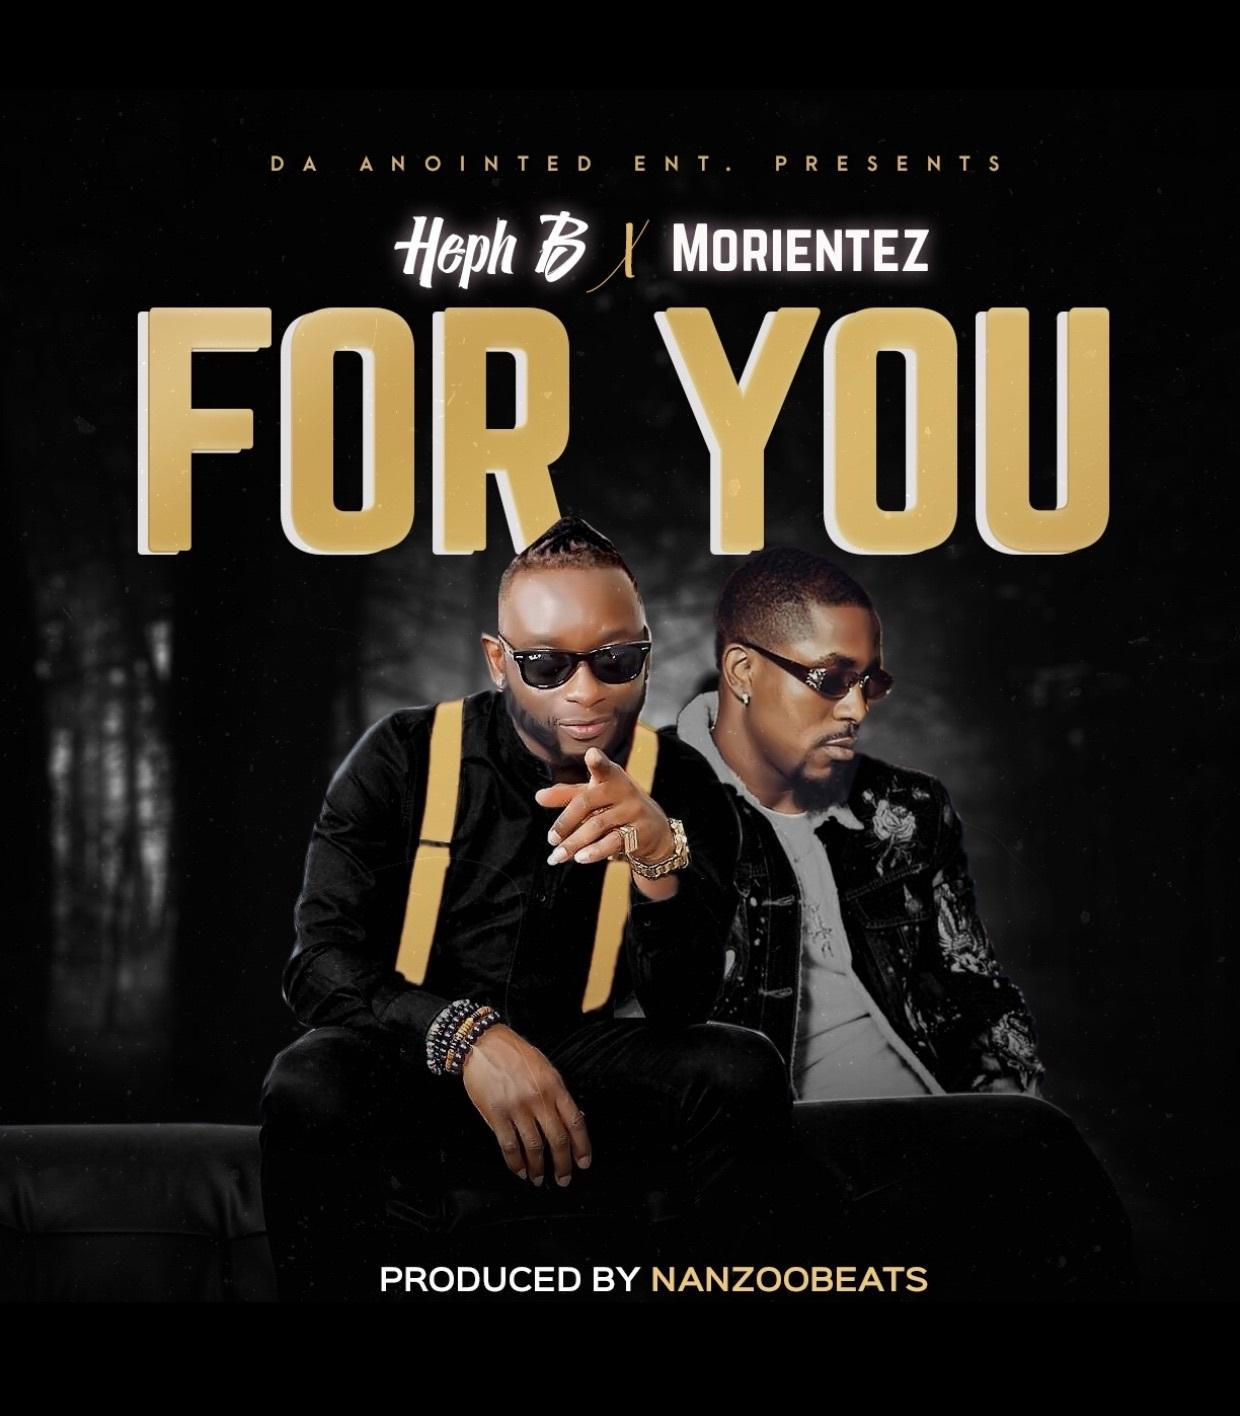 Heph B - For You ft. Morientez